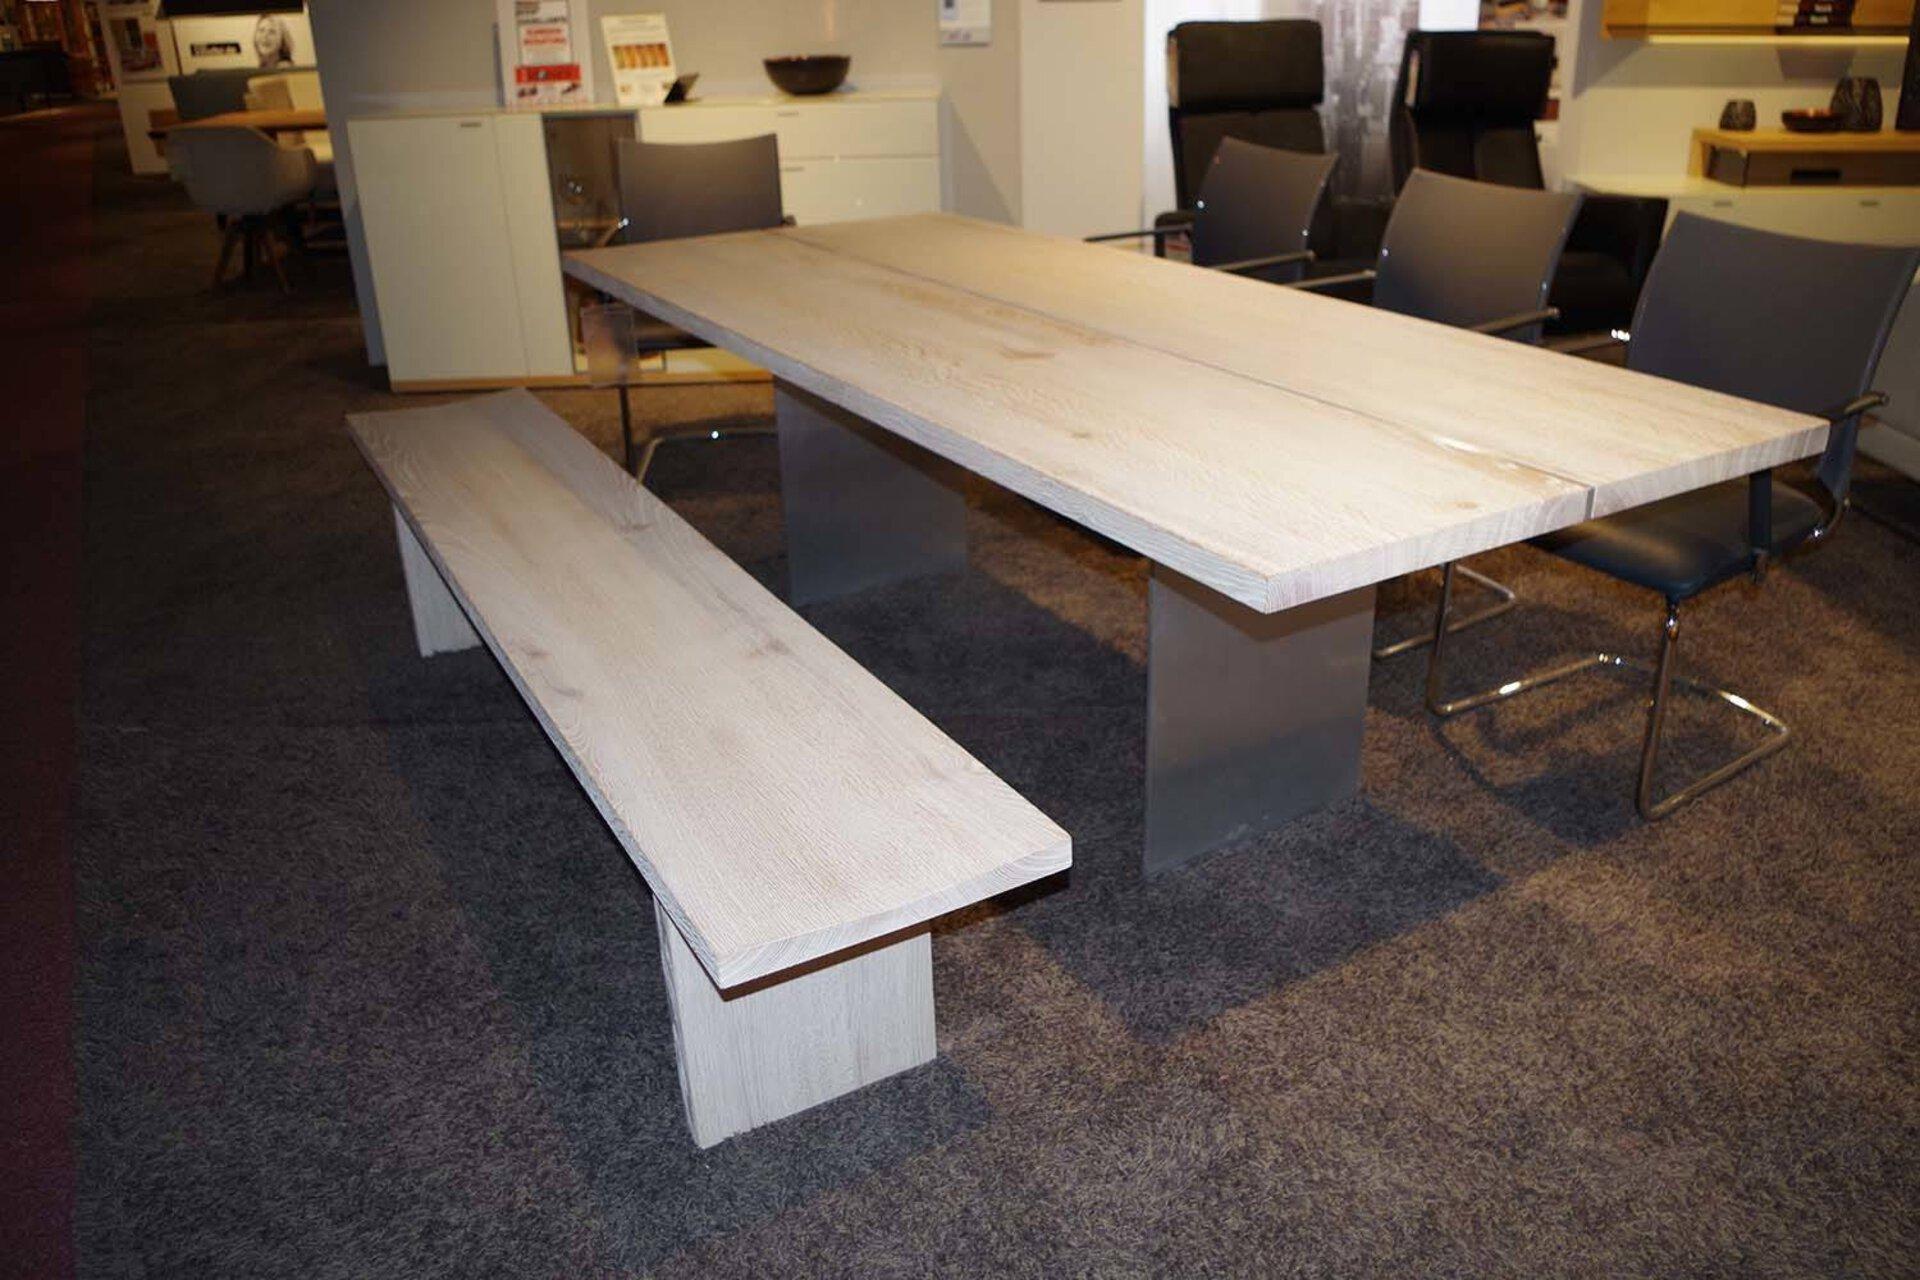 Tisch + Bank CAMPUS Form exclusiv